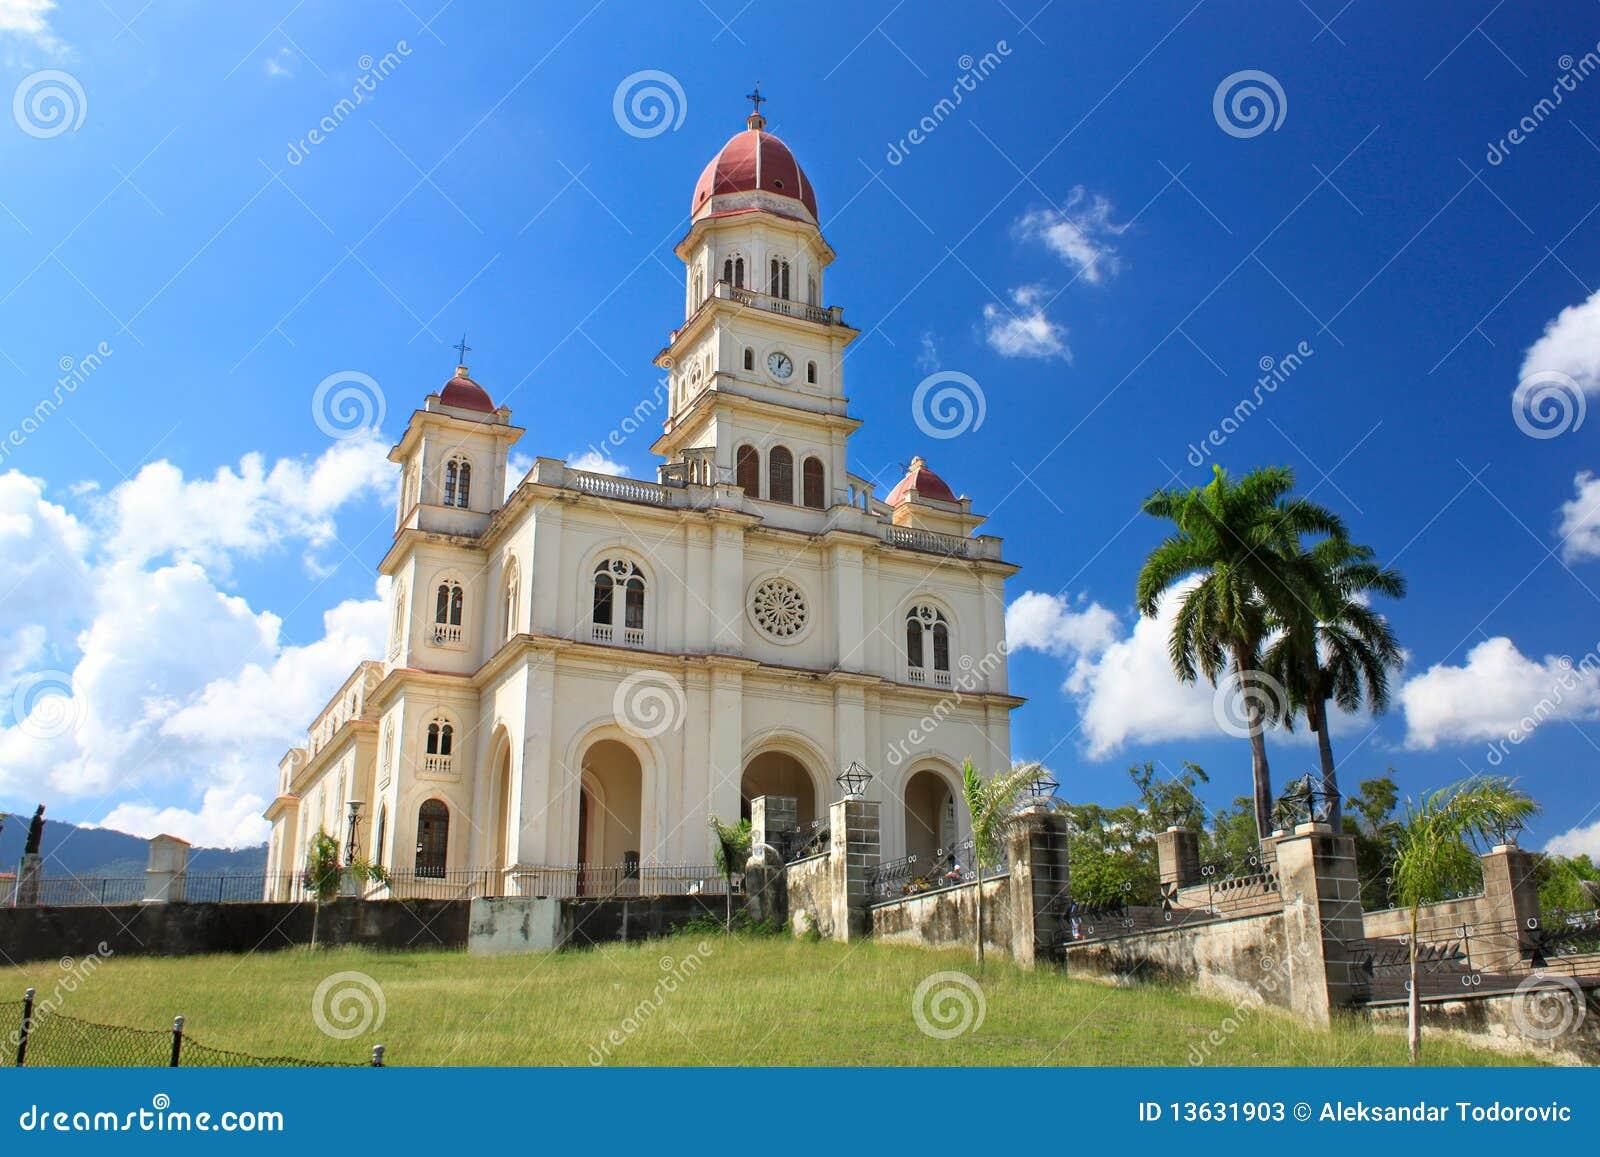 El Cobre church